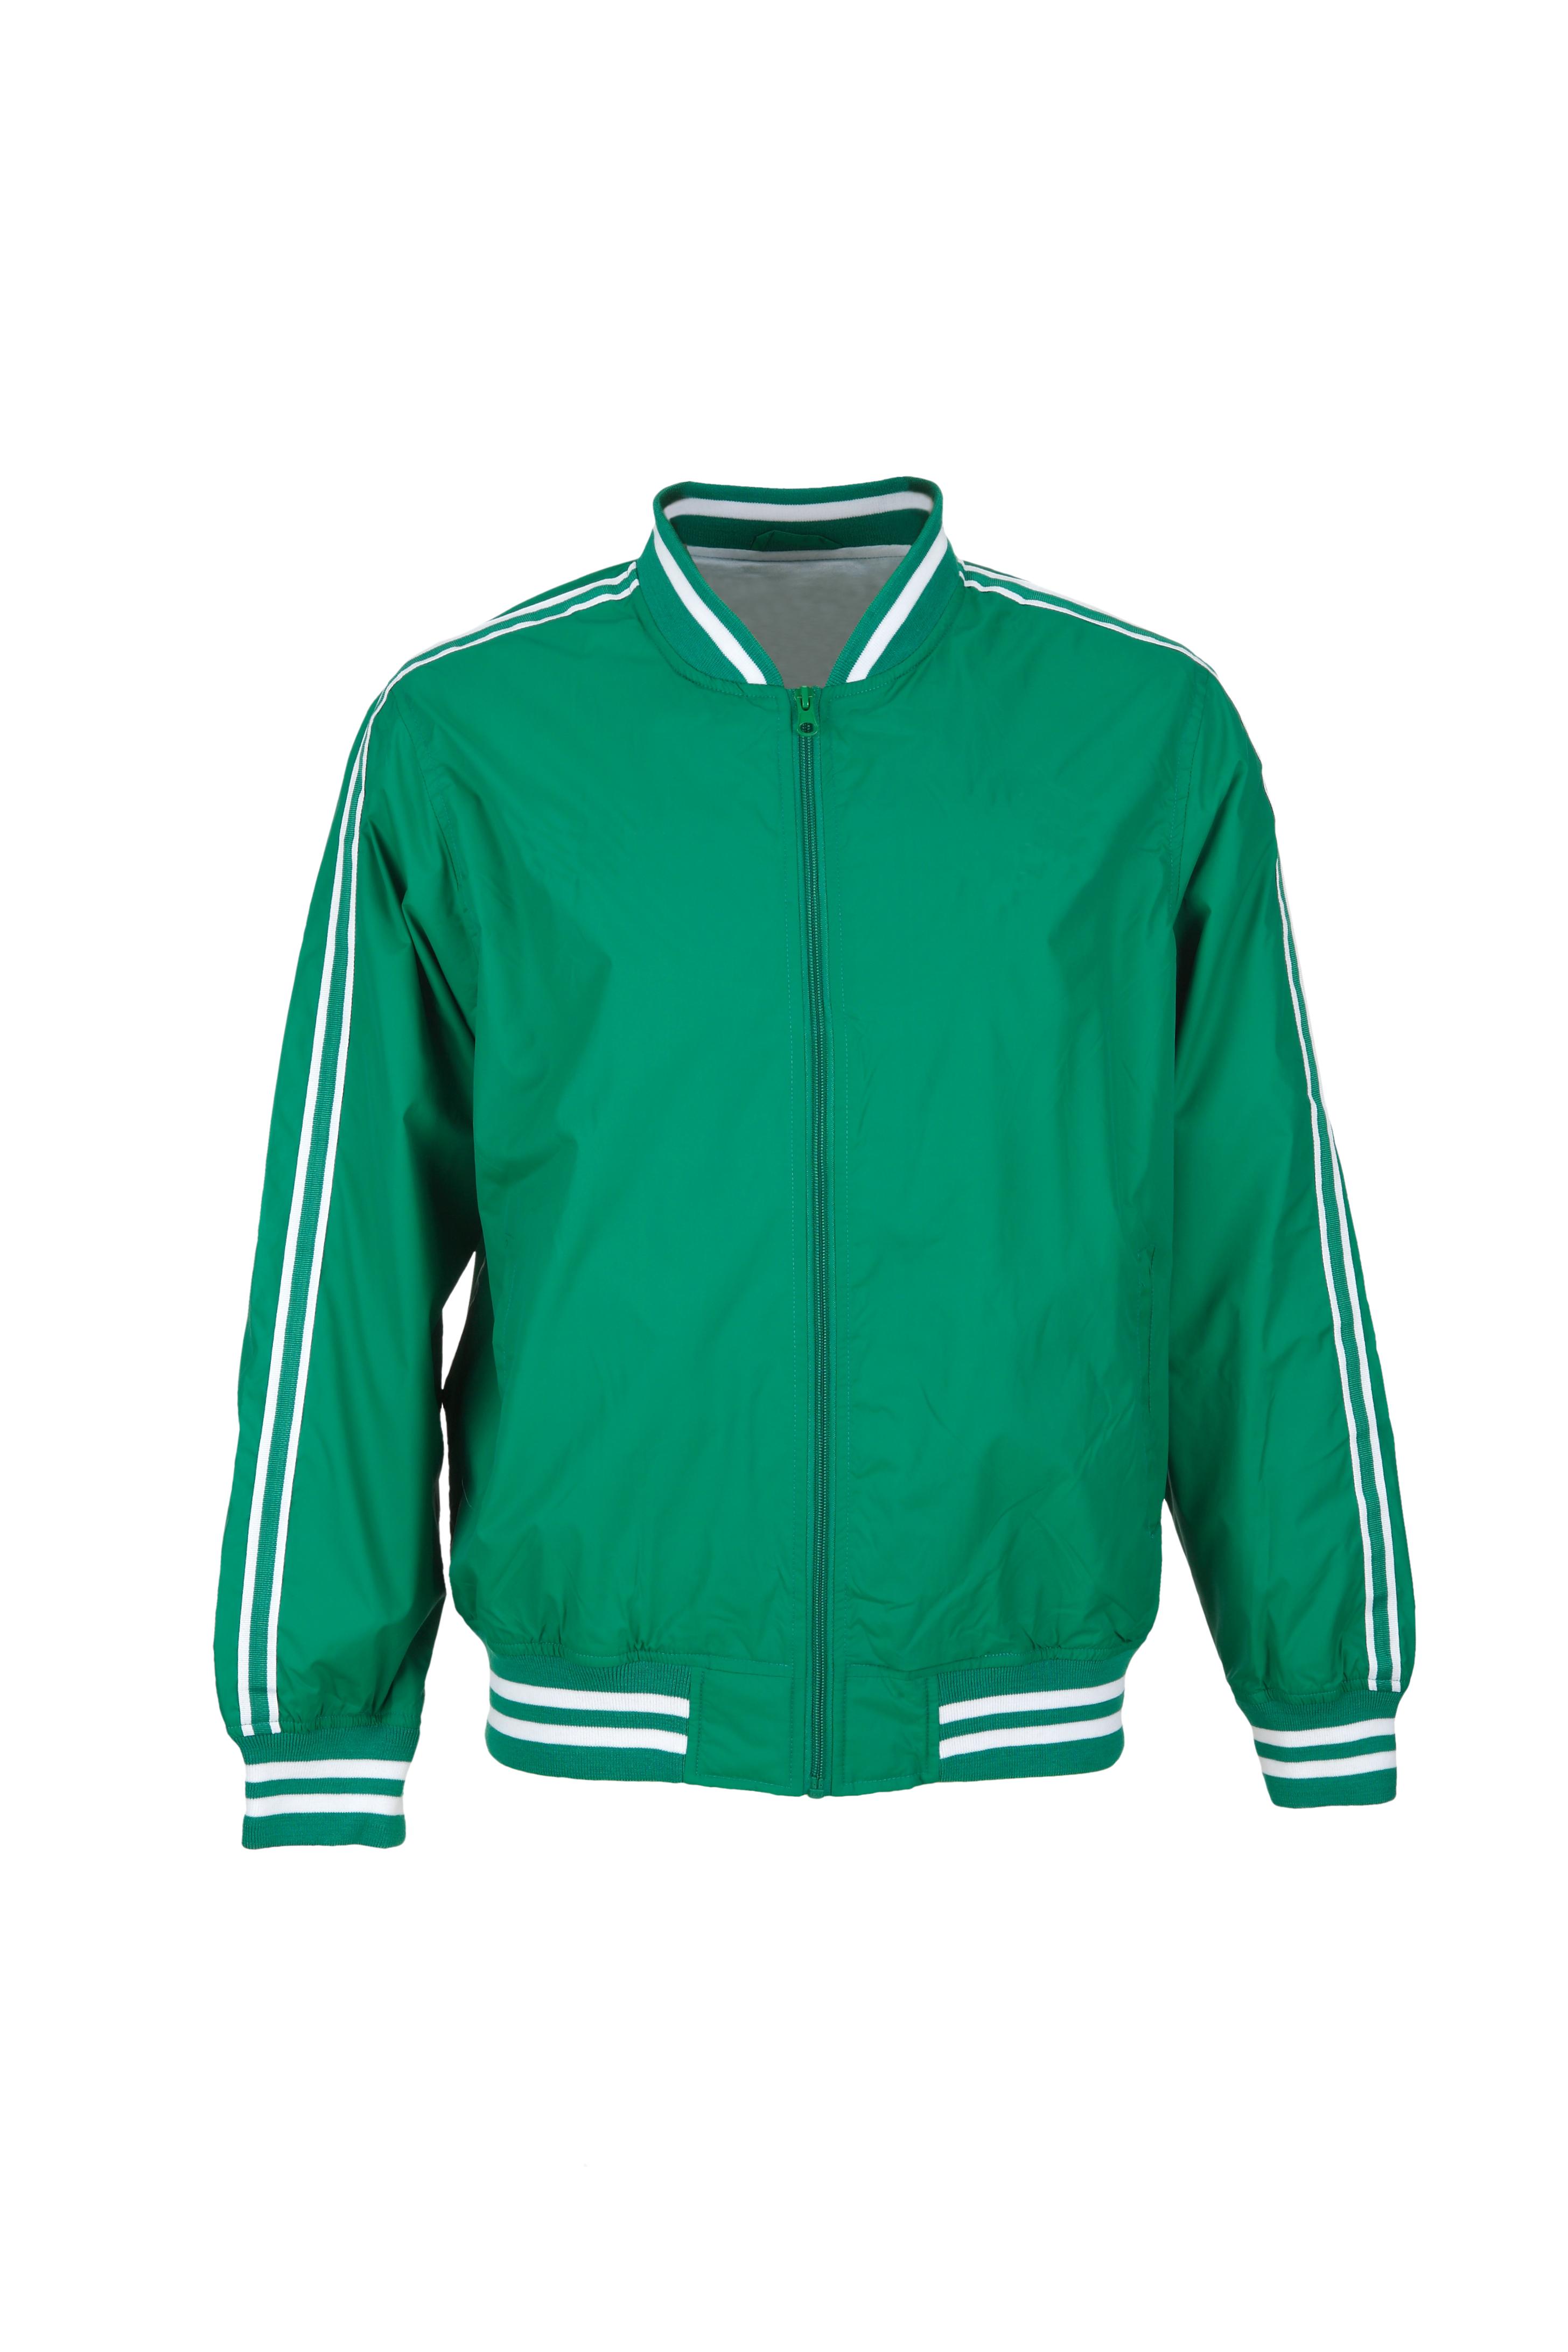 Custom made jackets (2)